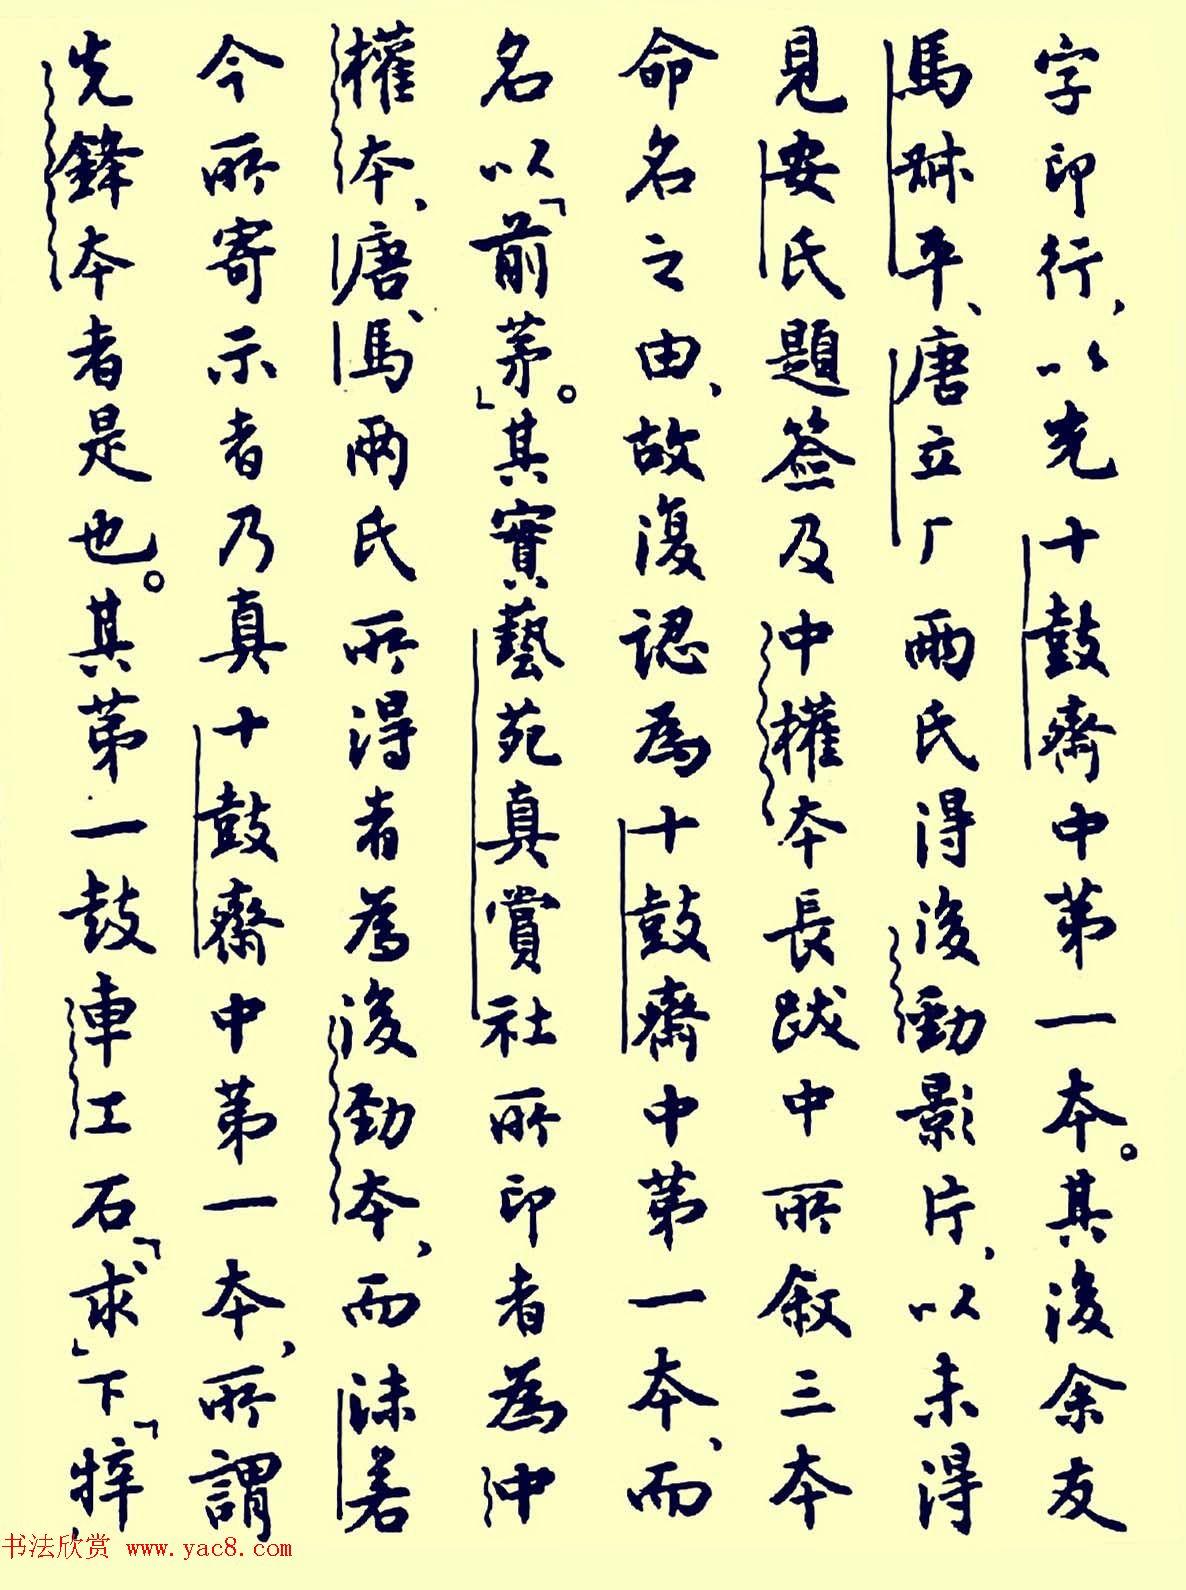 沈尹默1939年行书写石鼓文序